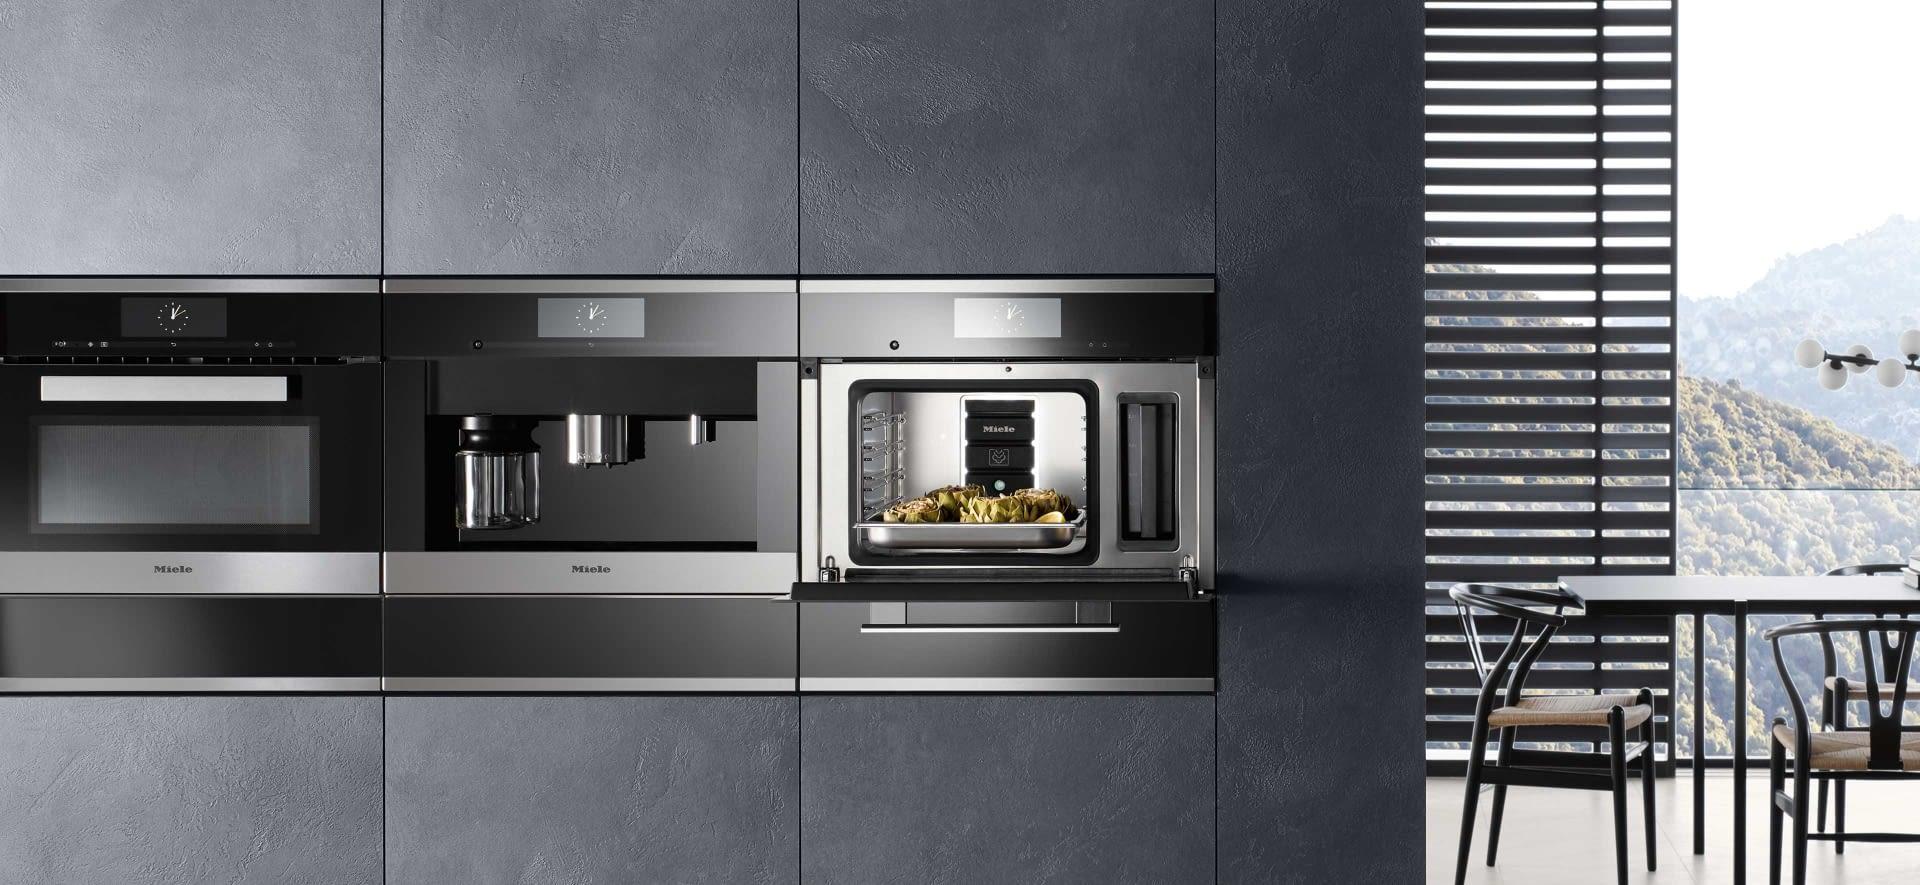 Ausgezeichnet Einzigartige Küchengeräte Uk Zeitgenössisch - Ideen ...